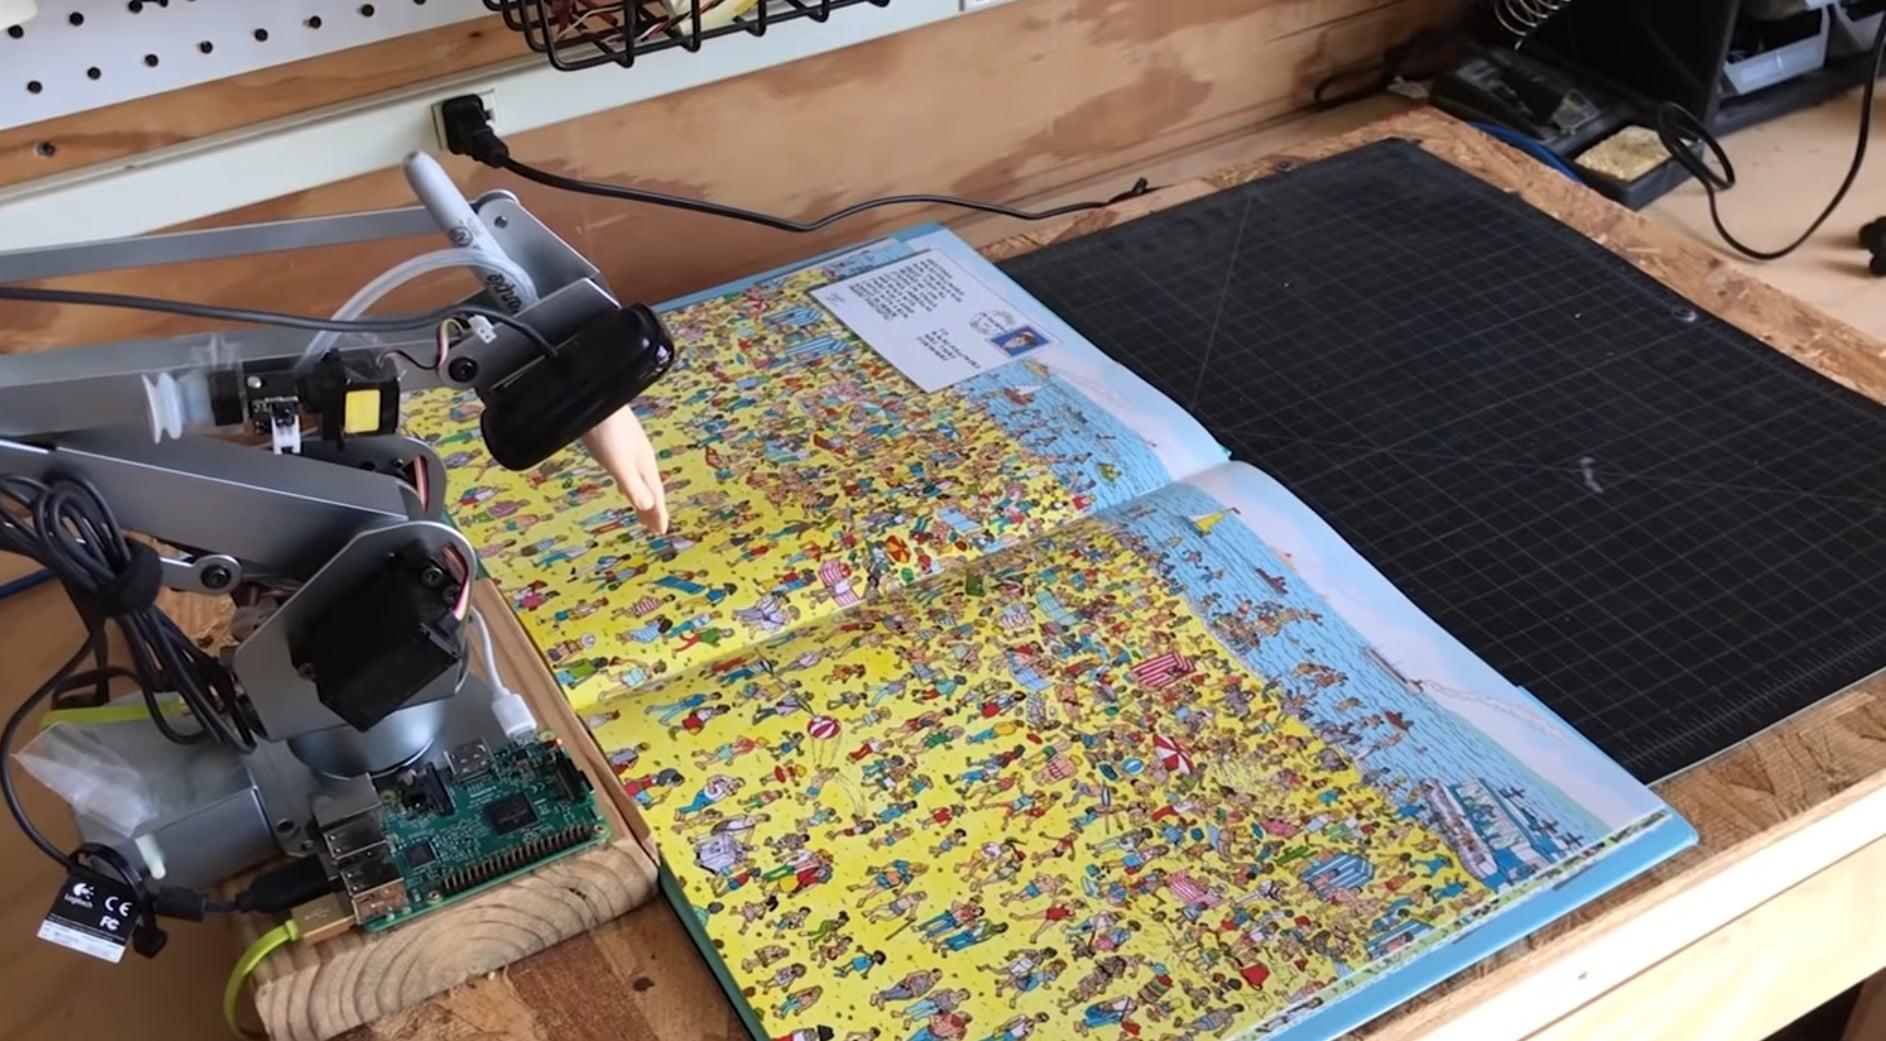 Der Roboter-Arm übernimmt die Suche. (Foto: redpepper / Screenshot)